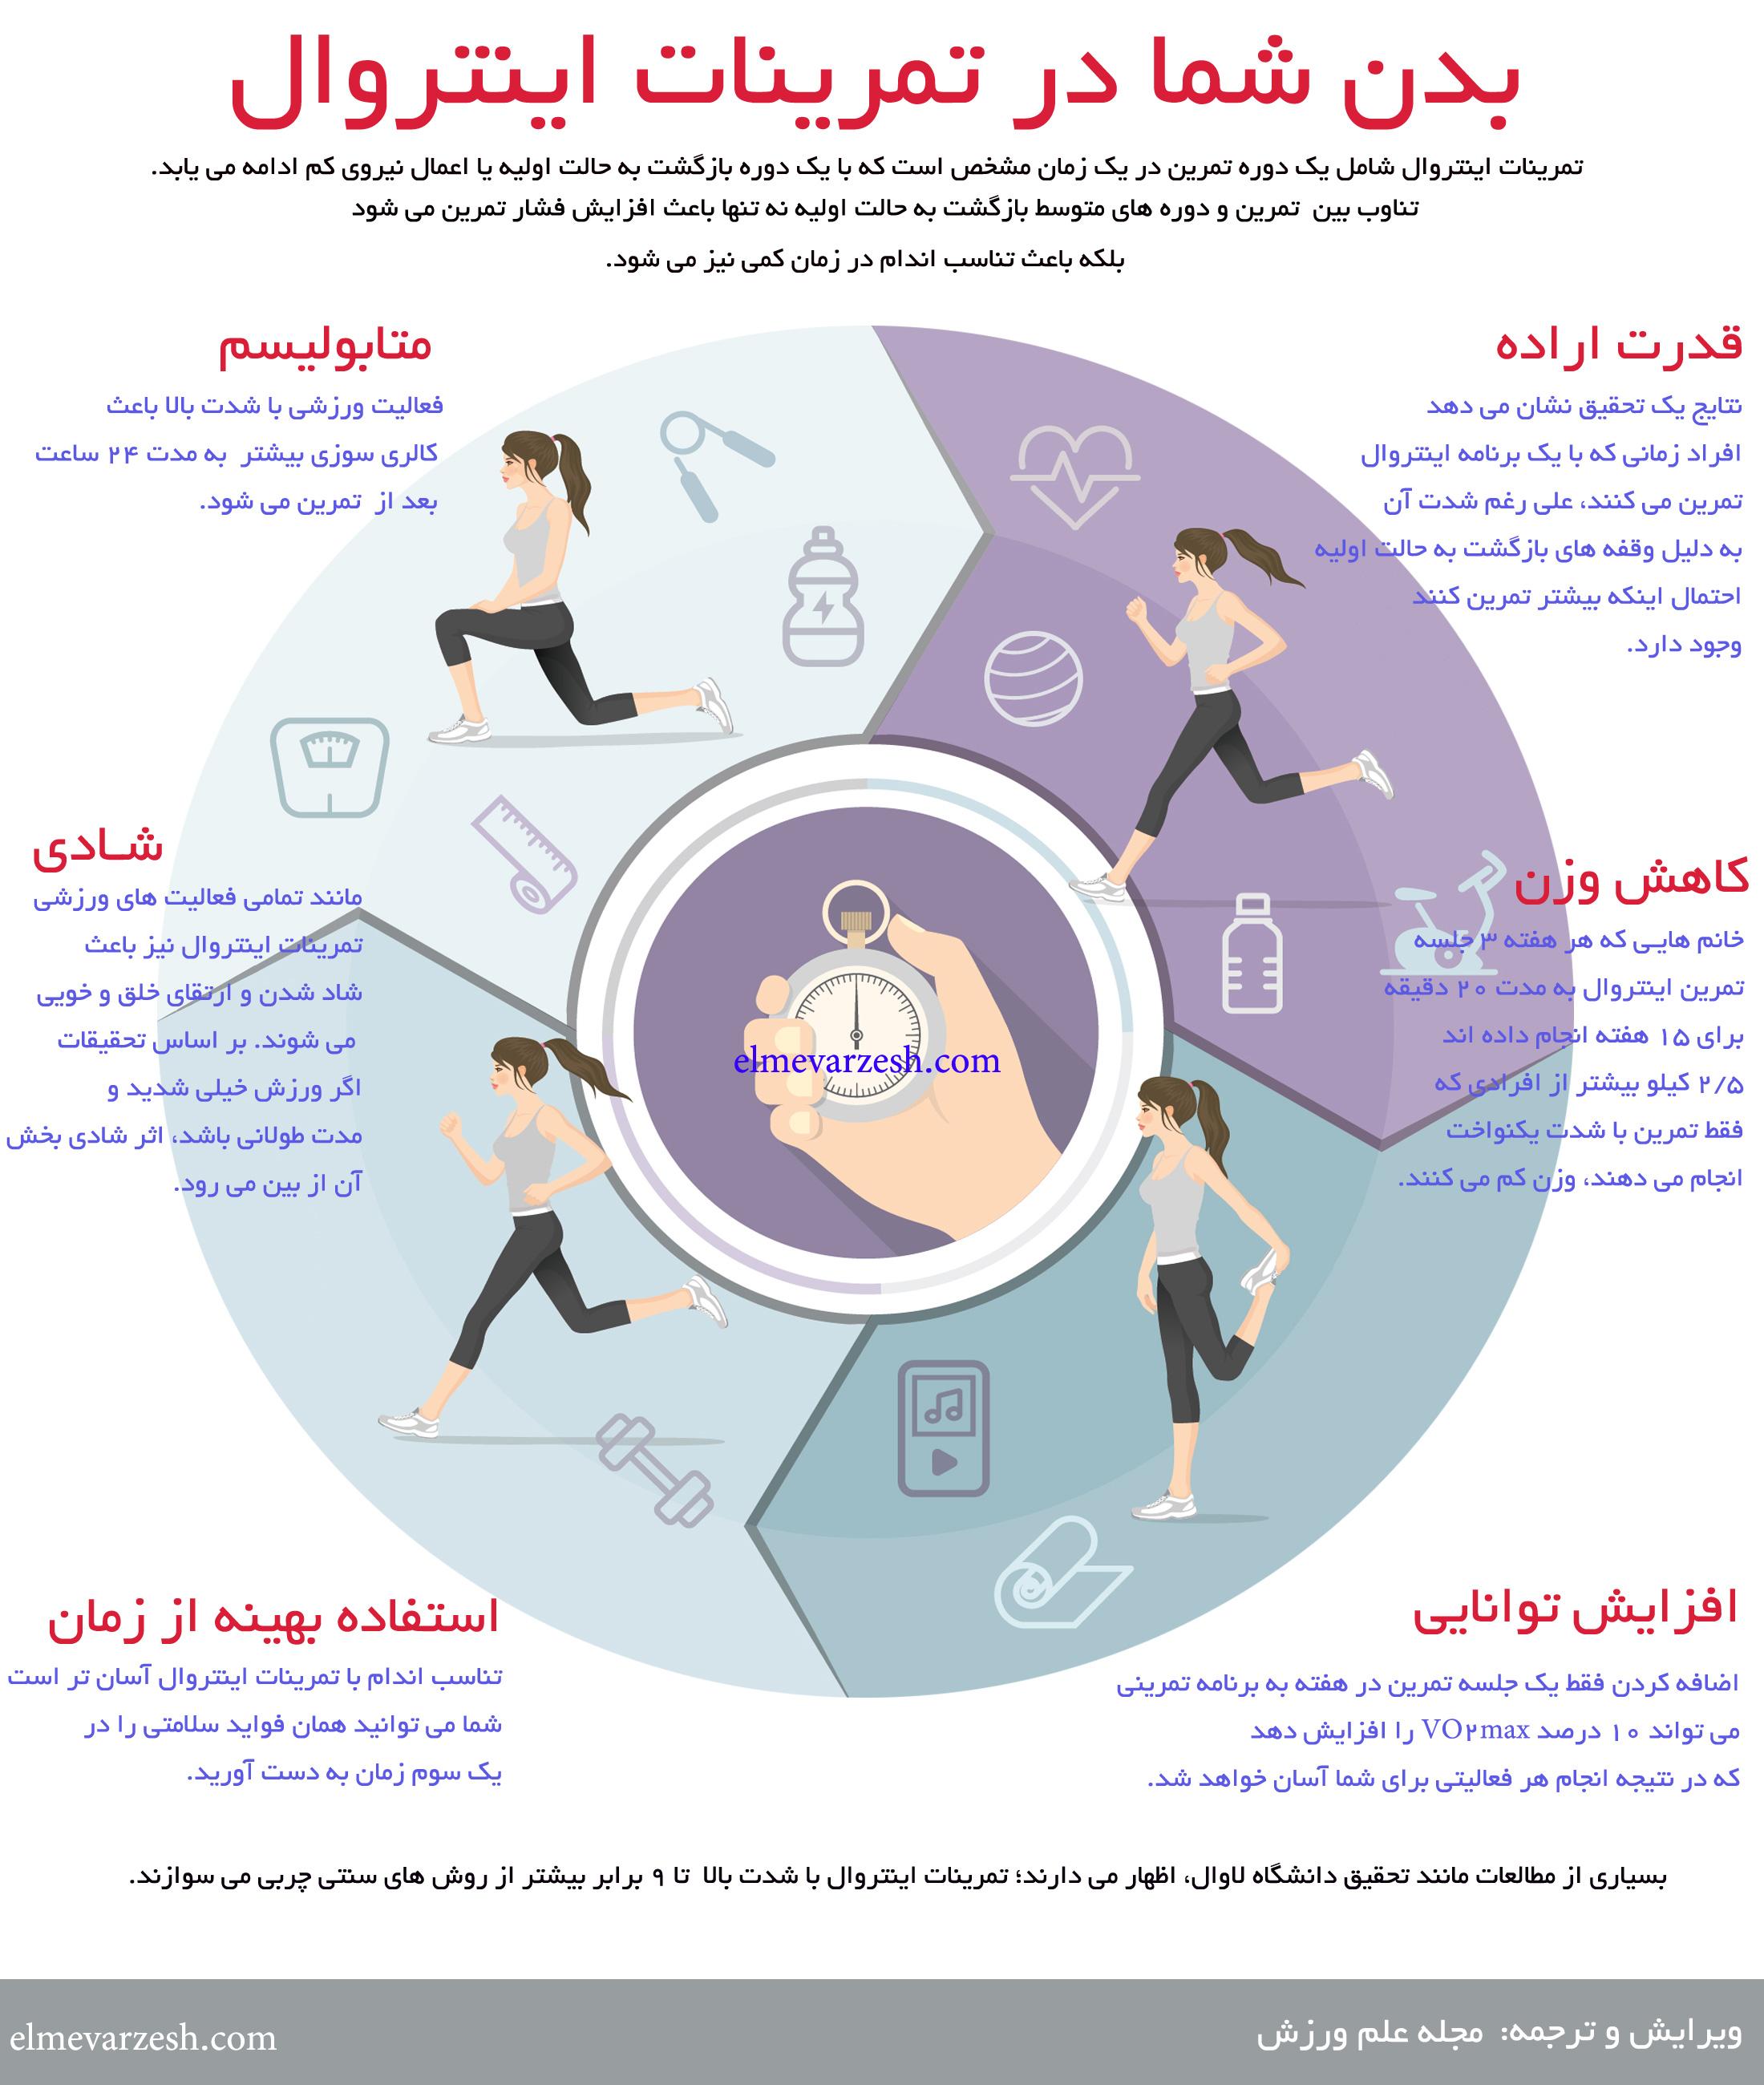 اینفوگرافی: فواید و مزایای تمرینات اینتروال